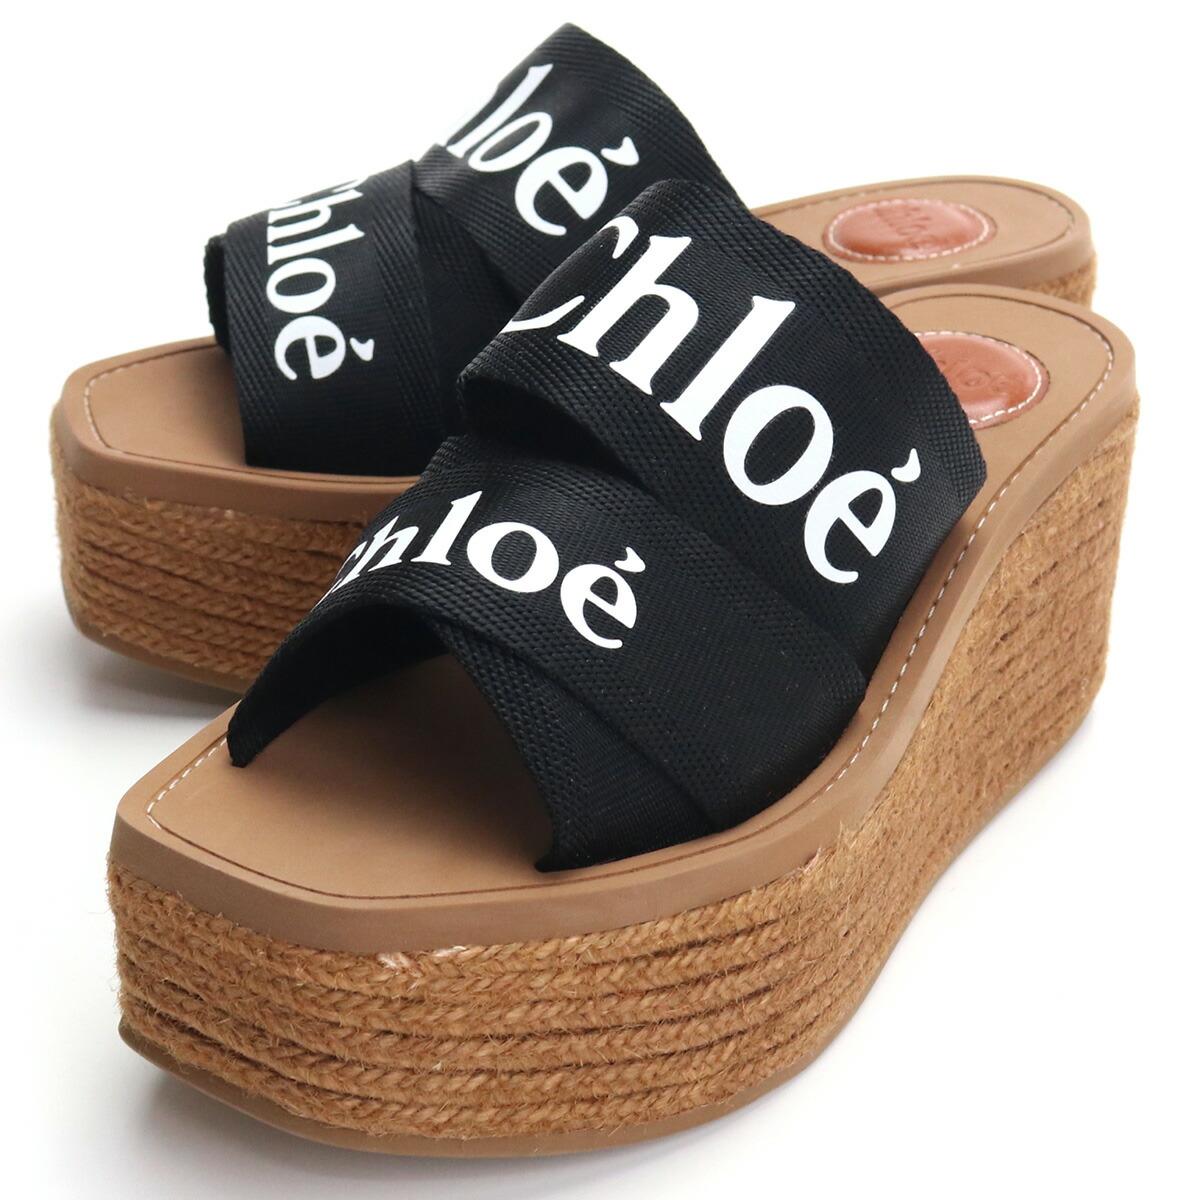 クロエ CHLOE サンダル CHC21U44908 001 BLACK ブラック shoes-01 レディース